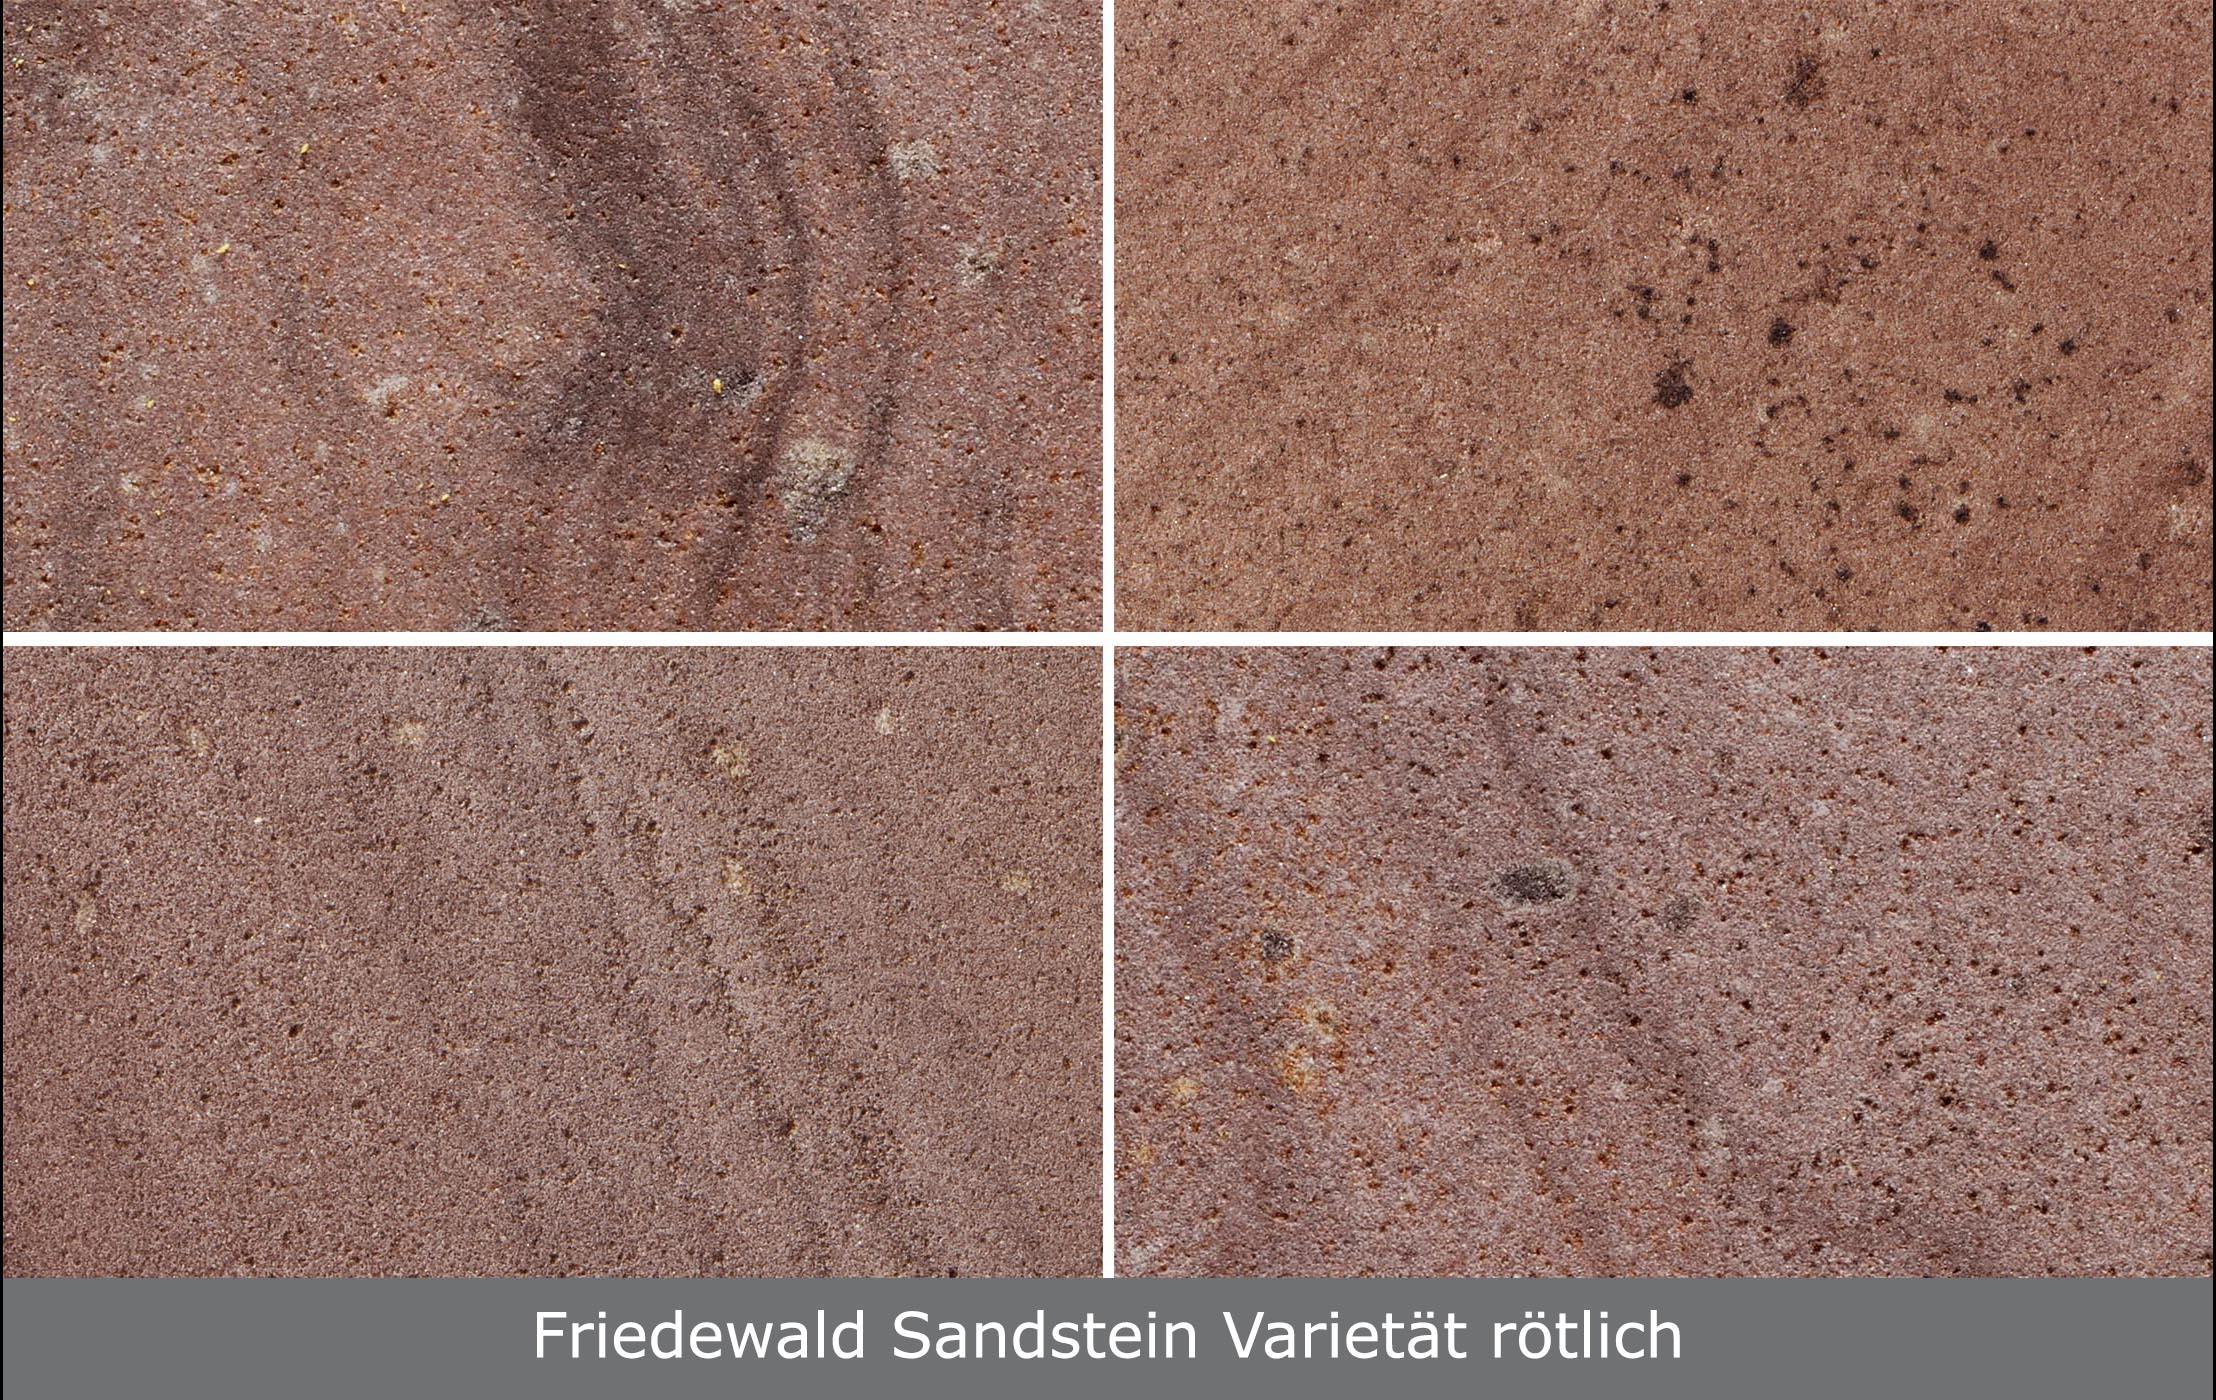 Friedewald Sandstein Varietät rötlich - TRACO